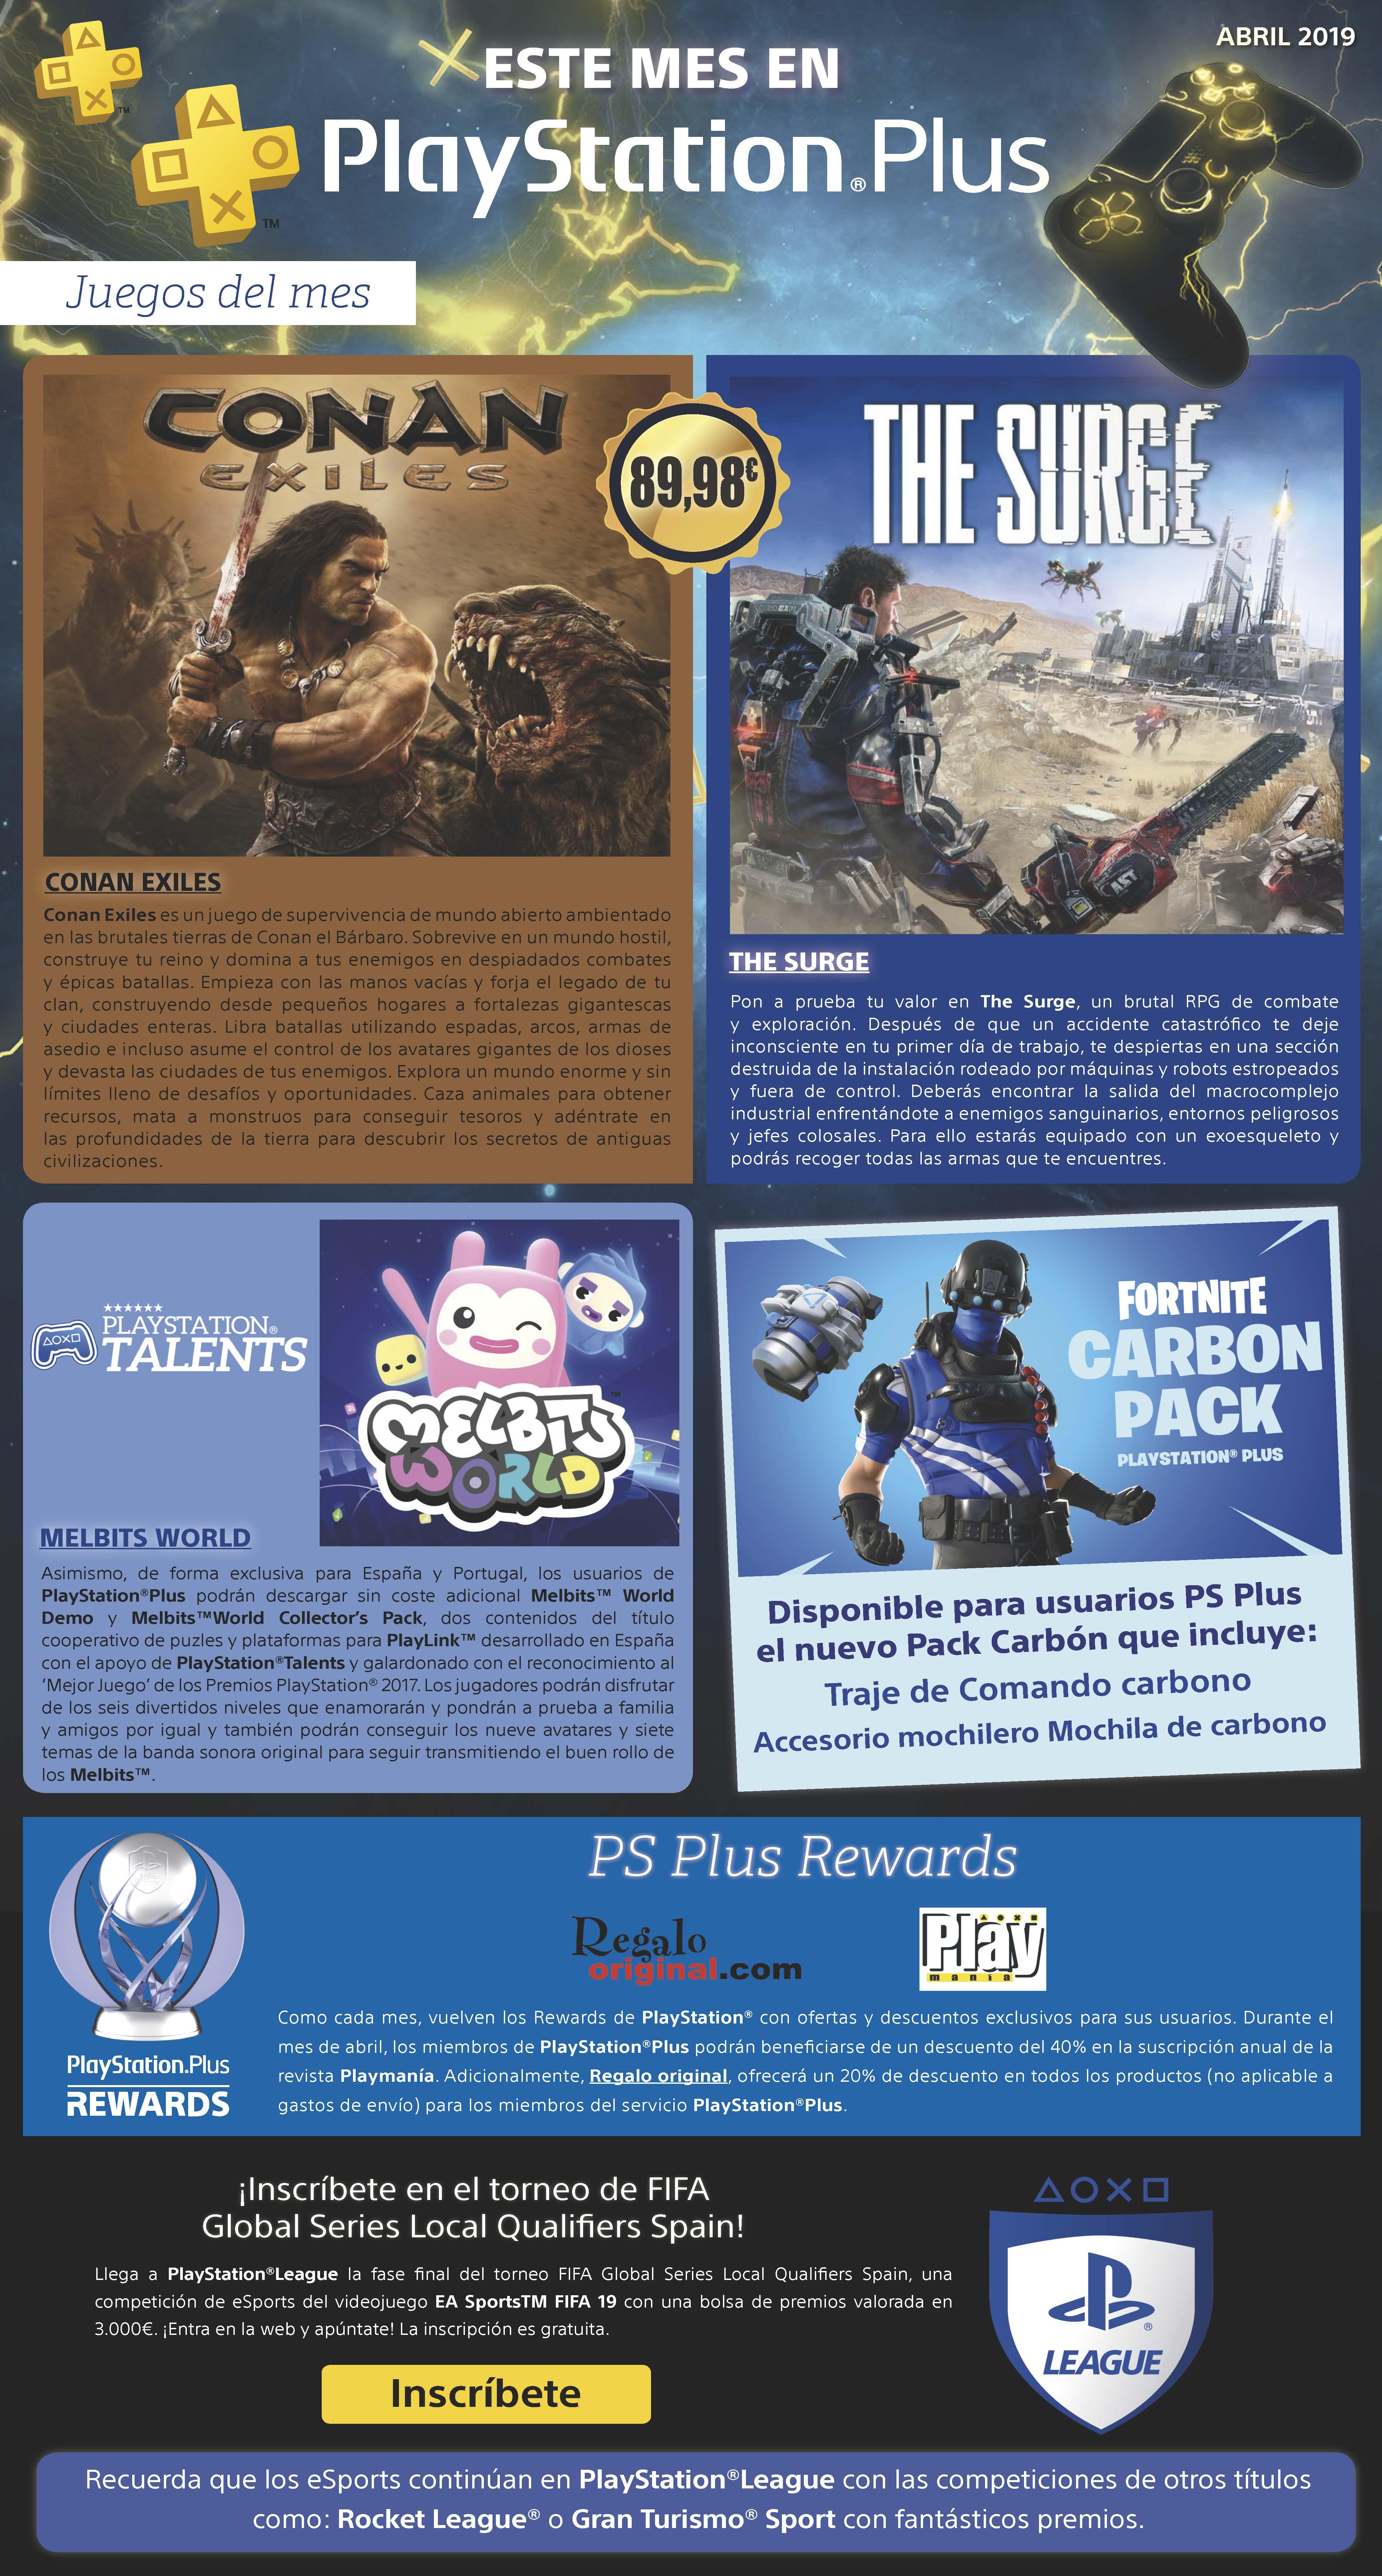 PlayStation Plus de abril del 2019. Gratis los juegosConan Exiles y The Surge